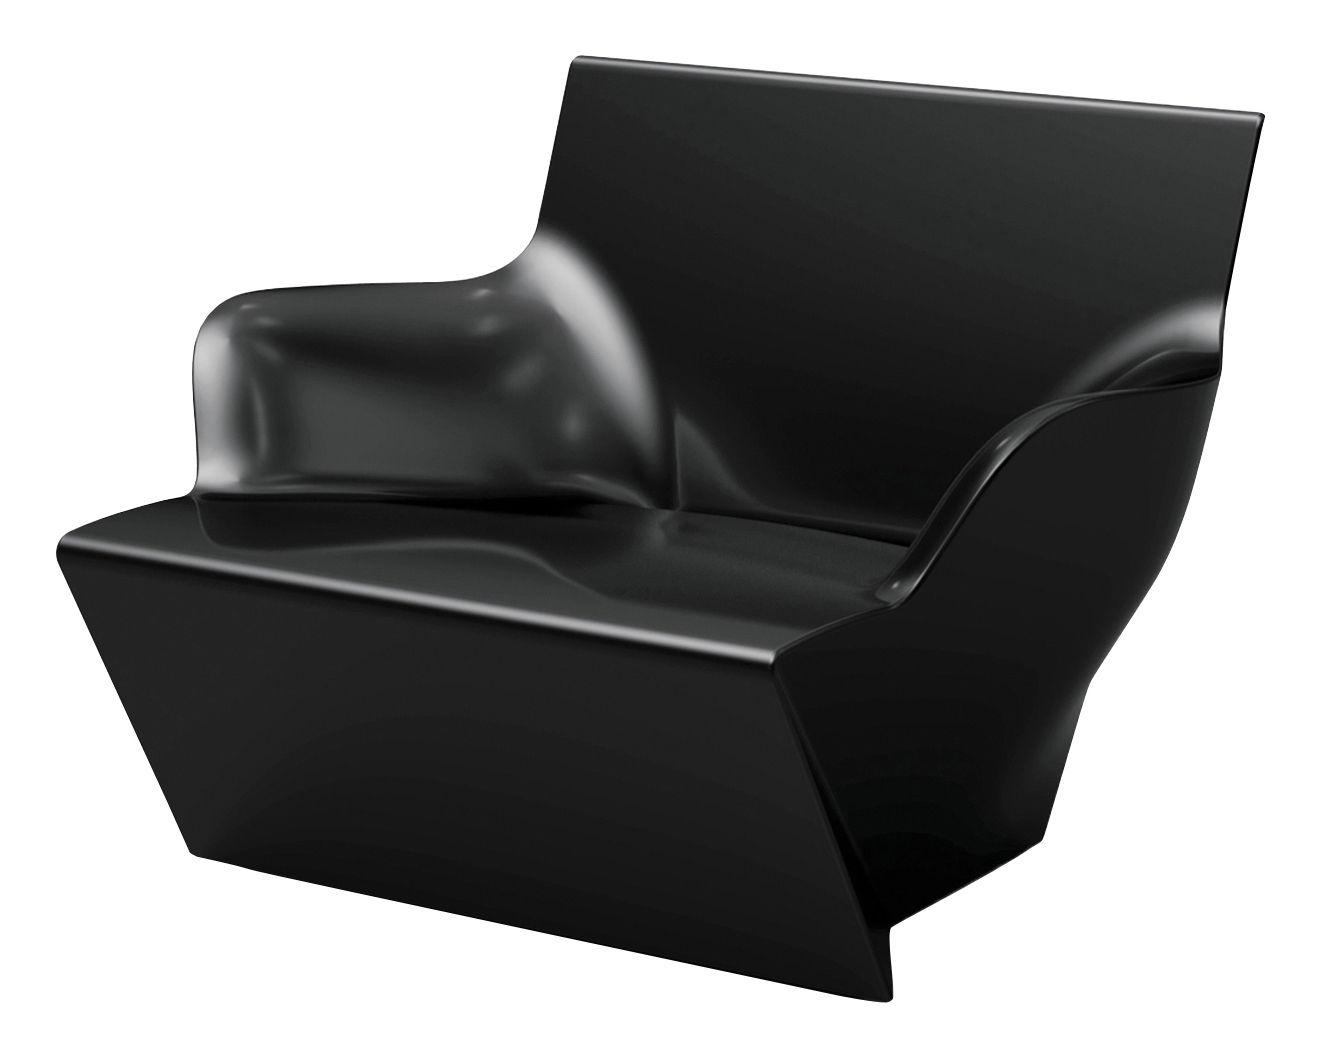 Arredamento - Poltrone design  - Poltrona Kami San - versione laccata di Slide - Laccato nero - polietilene riciclabile